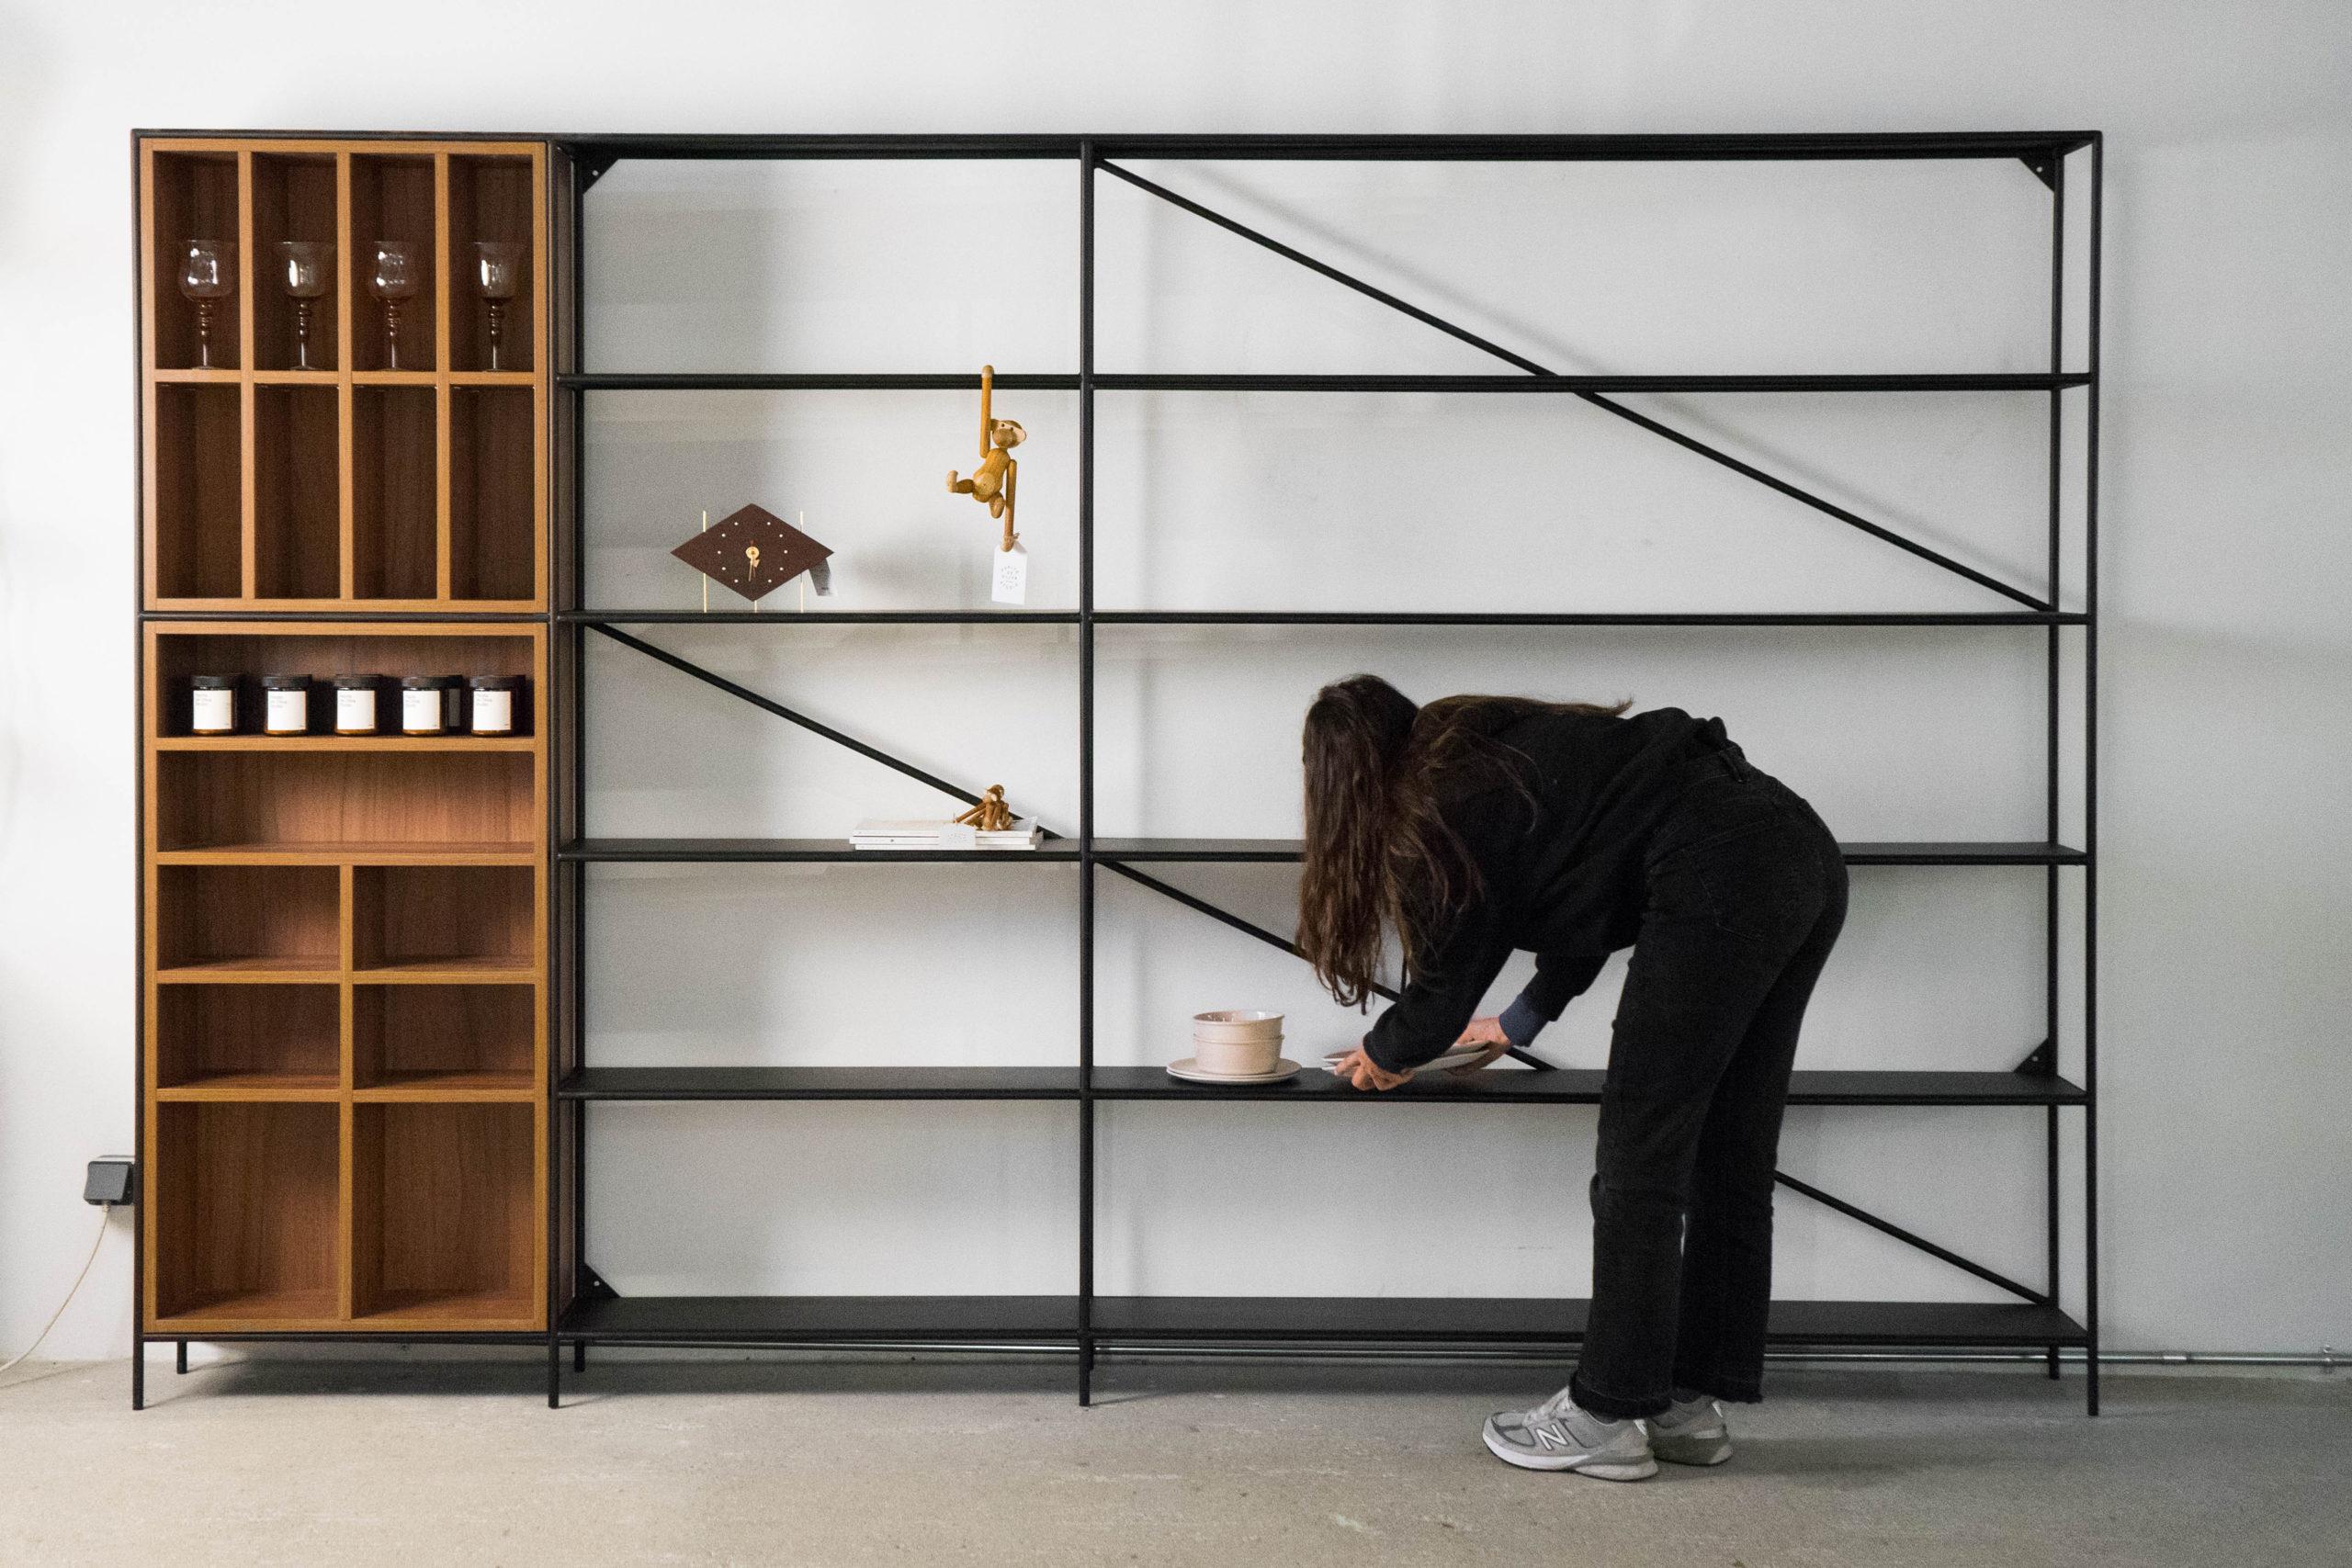 libreria negragrande de diseño hecha a mano de madera y metal